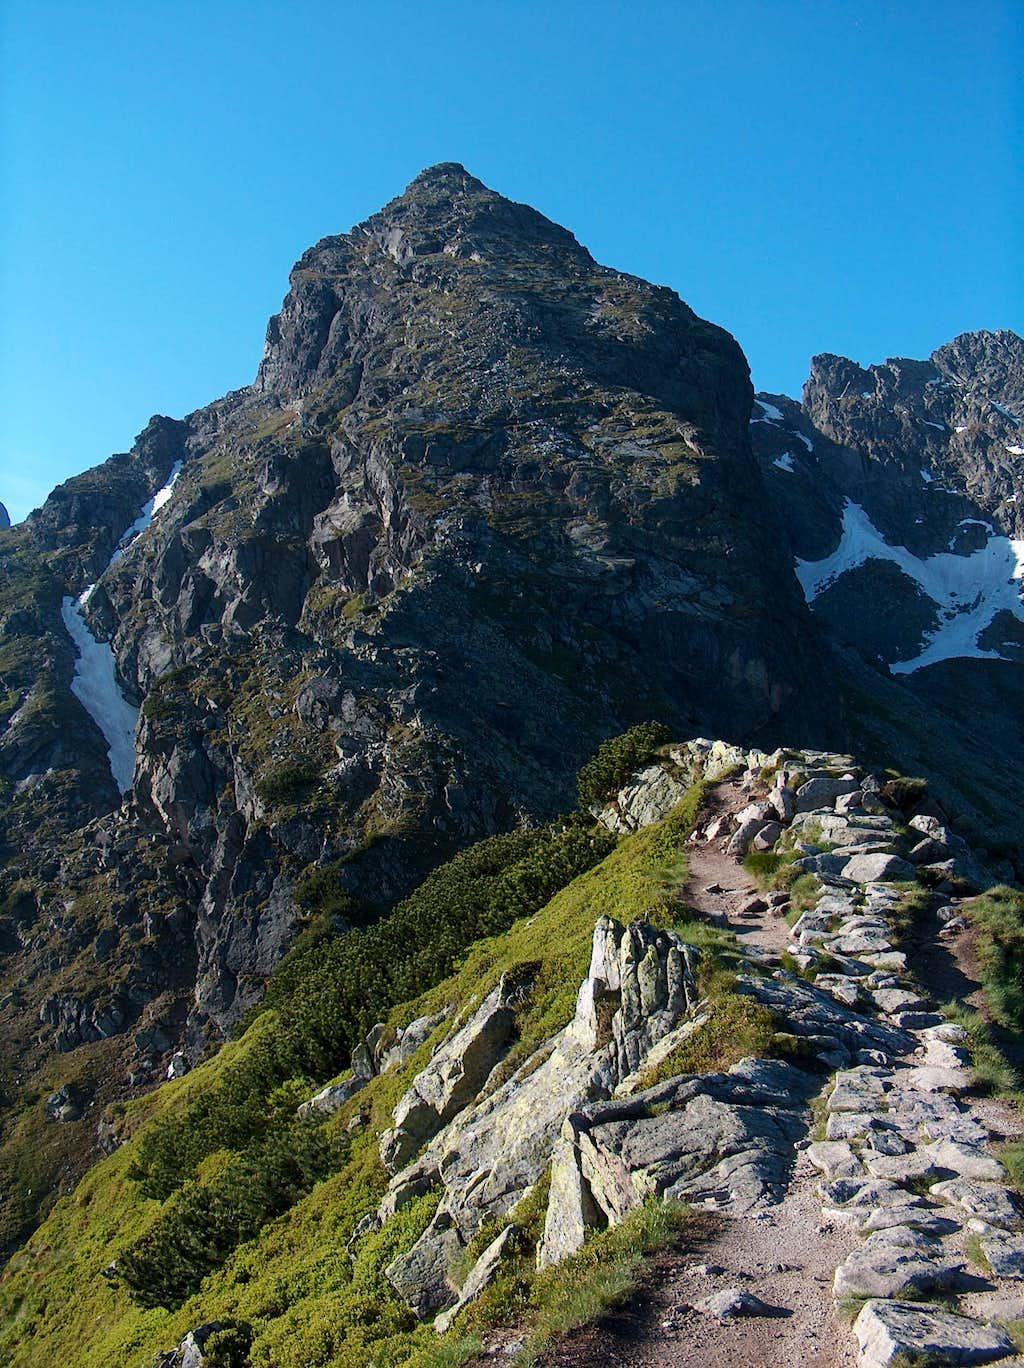 On Karb, looking to the Peak Kościelec.